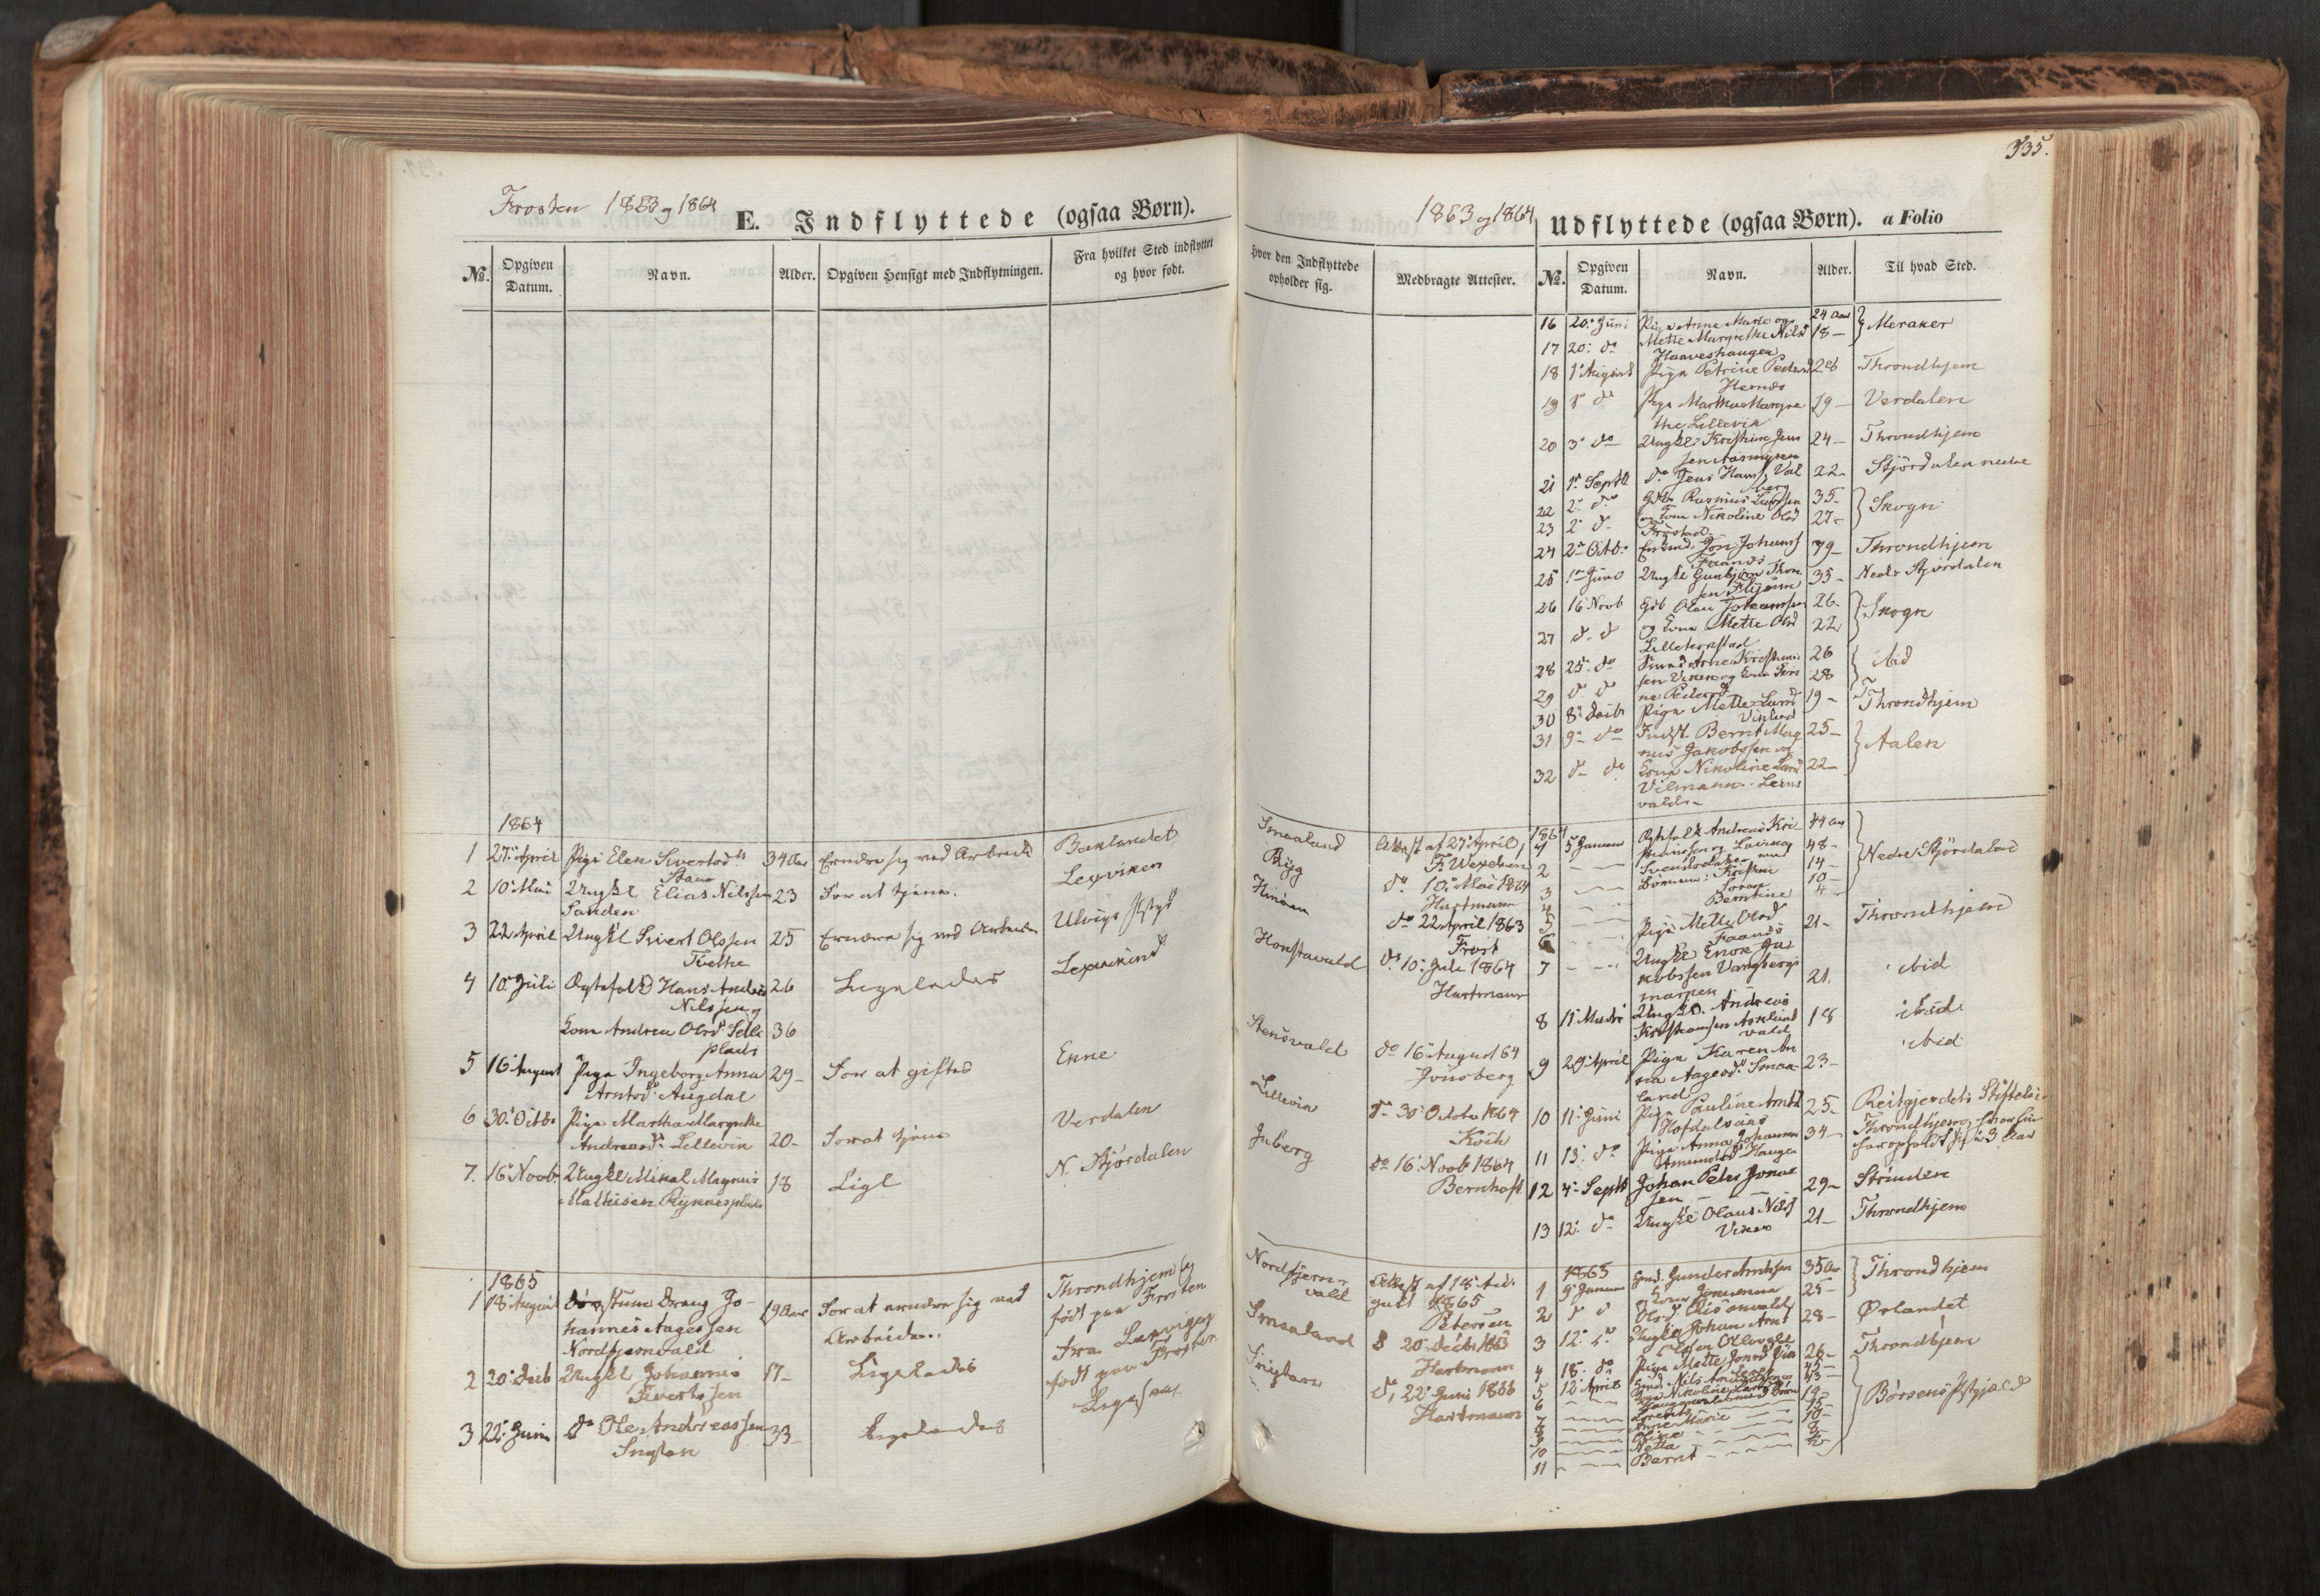 SAT, Ministerialprotokoller, klokkerbøker og fødselsregistre - Nord-Trøndelag, 713/L0116: Ministerialbok nr. 713A07, 1850-1877, s. 535